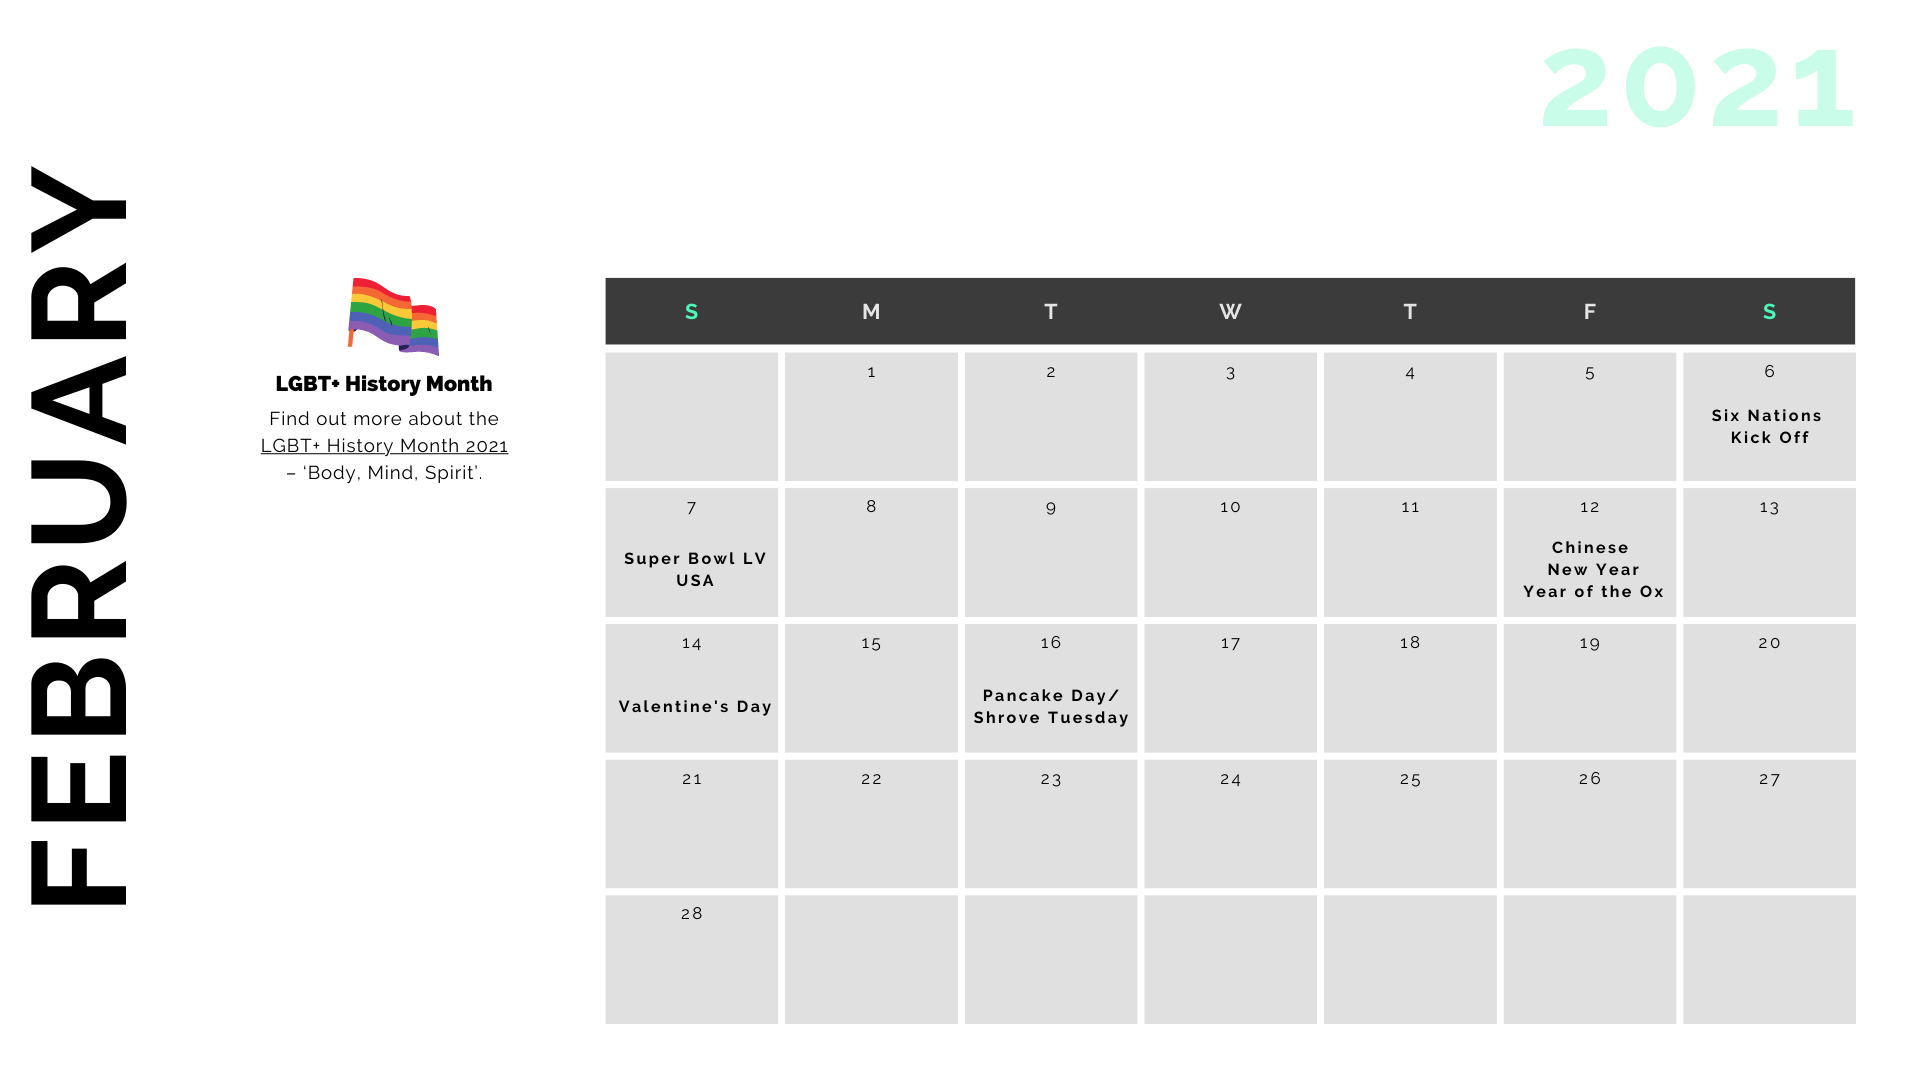 Retail Marketing Calendar 2021 - February